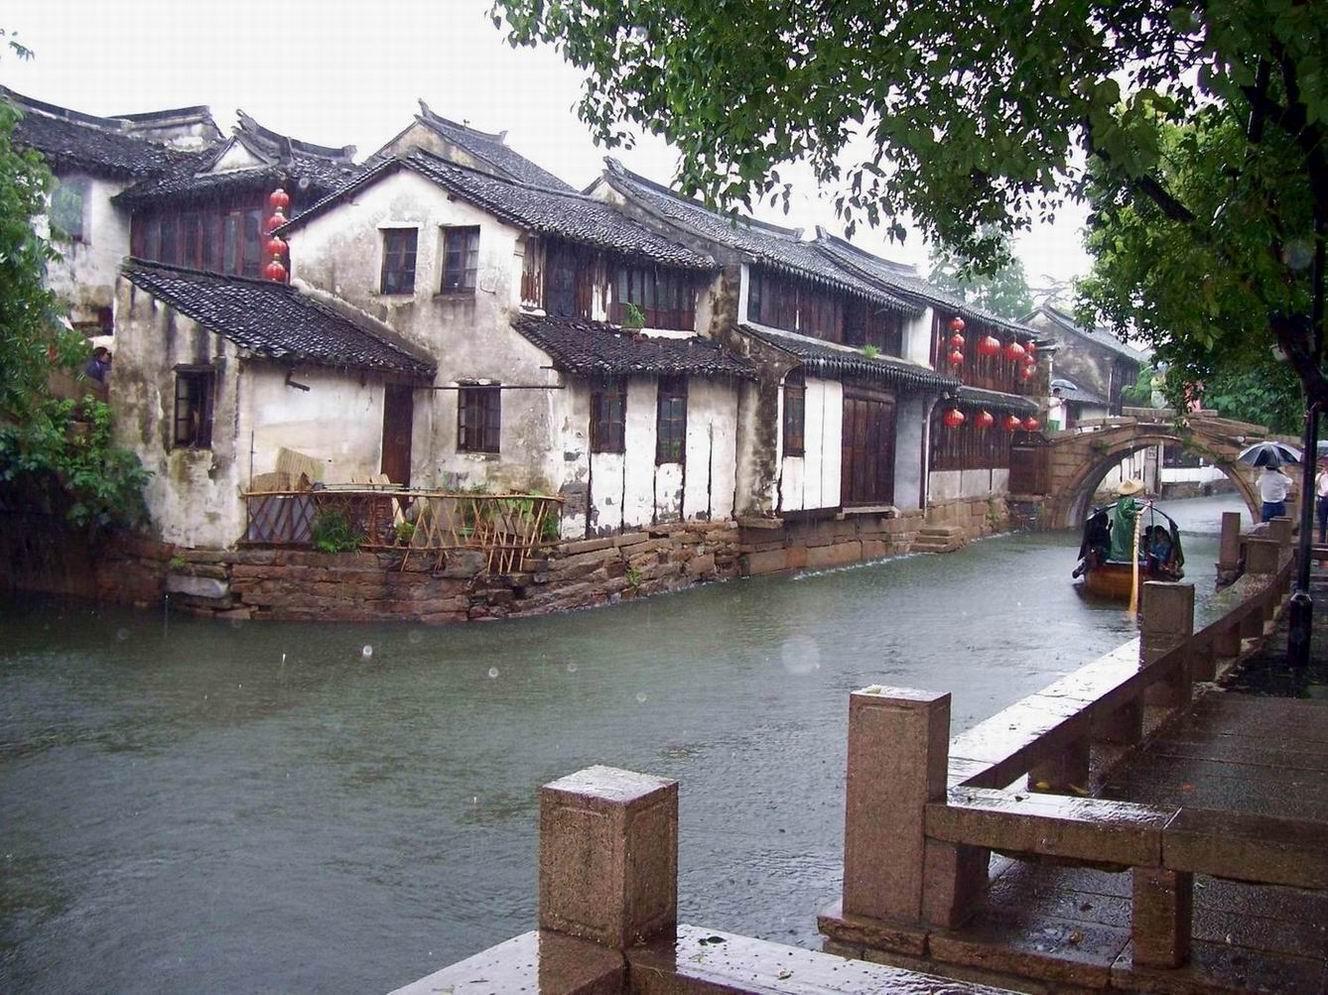 雨中水乡:江南周庄之美 - 成功彼岸 - leninchen的博客